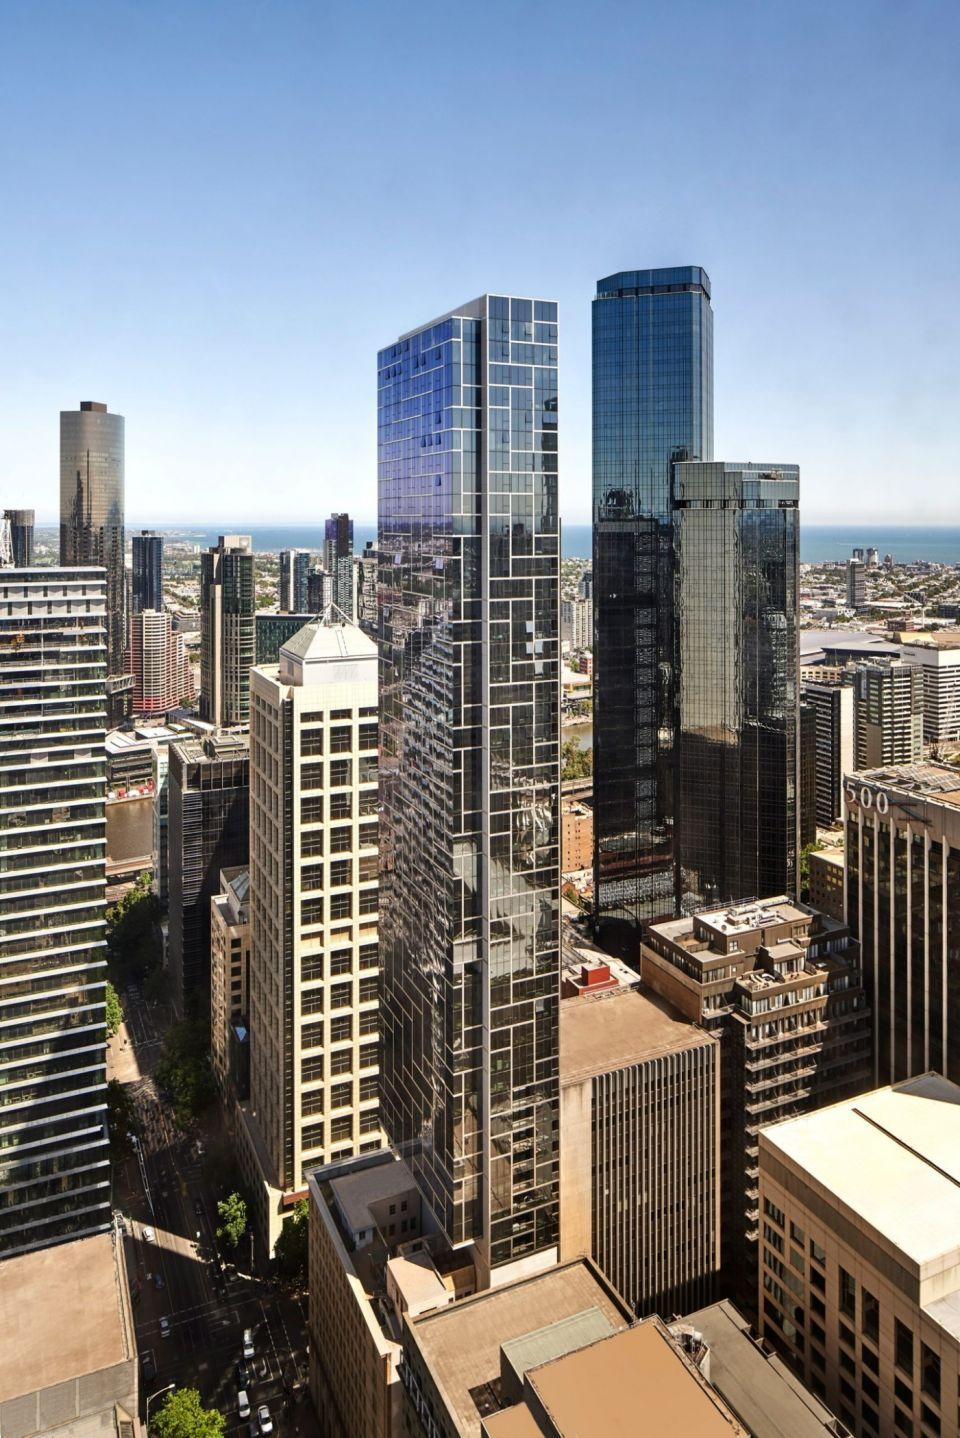 Небоскреб шириной 11,5 м в АвстралииВ Мельбурне возведен супертонкий небоскреб Collins House по проекту австралийского архитектурного бюро Bates Smart. При высоте 184 метра его ширина составляет всего 11,5 метров (соотношение высоты к ширине составляет 16:1).Жилое здание насчитывает 60 этажей и в нем располагается 259 апартаментов.На 27 этаже расположены блоки общественного питания и тренажерные залы. Здание оснащено парковкой на 108 машиномест.Габариты здания обоснованы необходимостью его размещения в существующей исторической застройке: небоскреб нависает над 10-этажным зданием Makers Mark 1908 года постройки.Само здание имеет сборную конструкцию. Это также обосновано необходимостью вести работы в крайне стесненных условиях с применением минимального количества габаритной техники. Благодаря комплексу таких технических решений, зданий и удалось возвести на крошечном участке, который размещался в середине существующей застройки и долгое время считался непригодным к строительству.#небоскребы #австралия